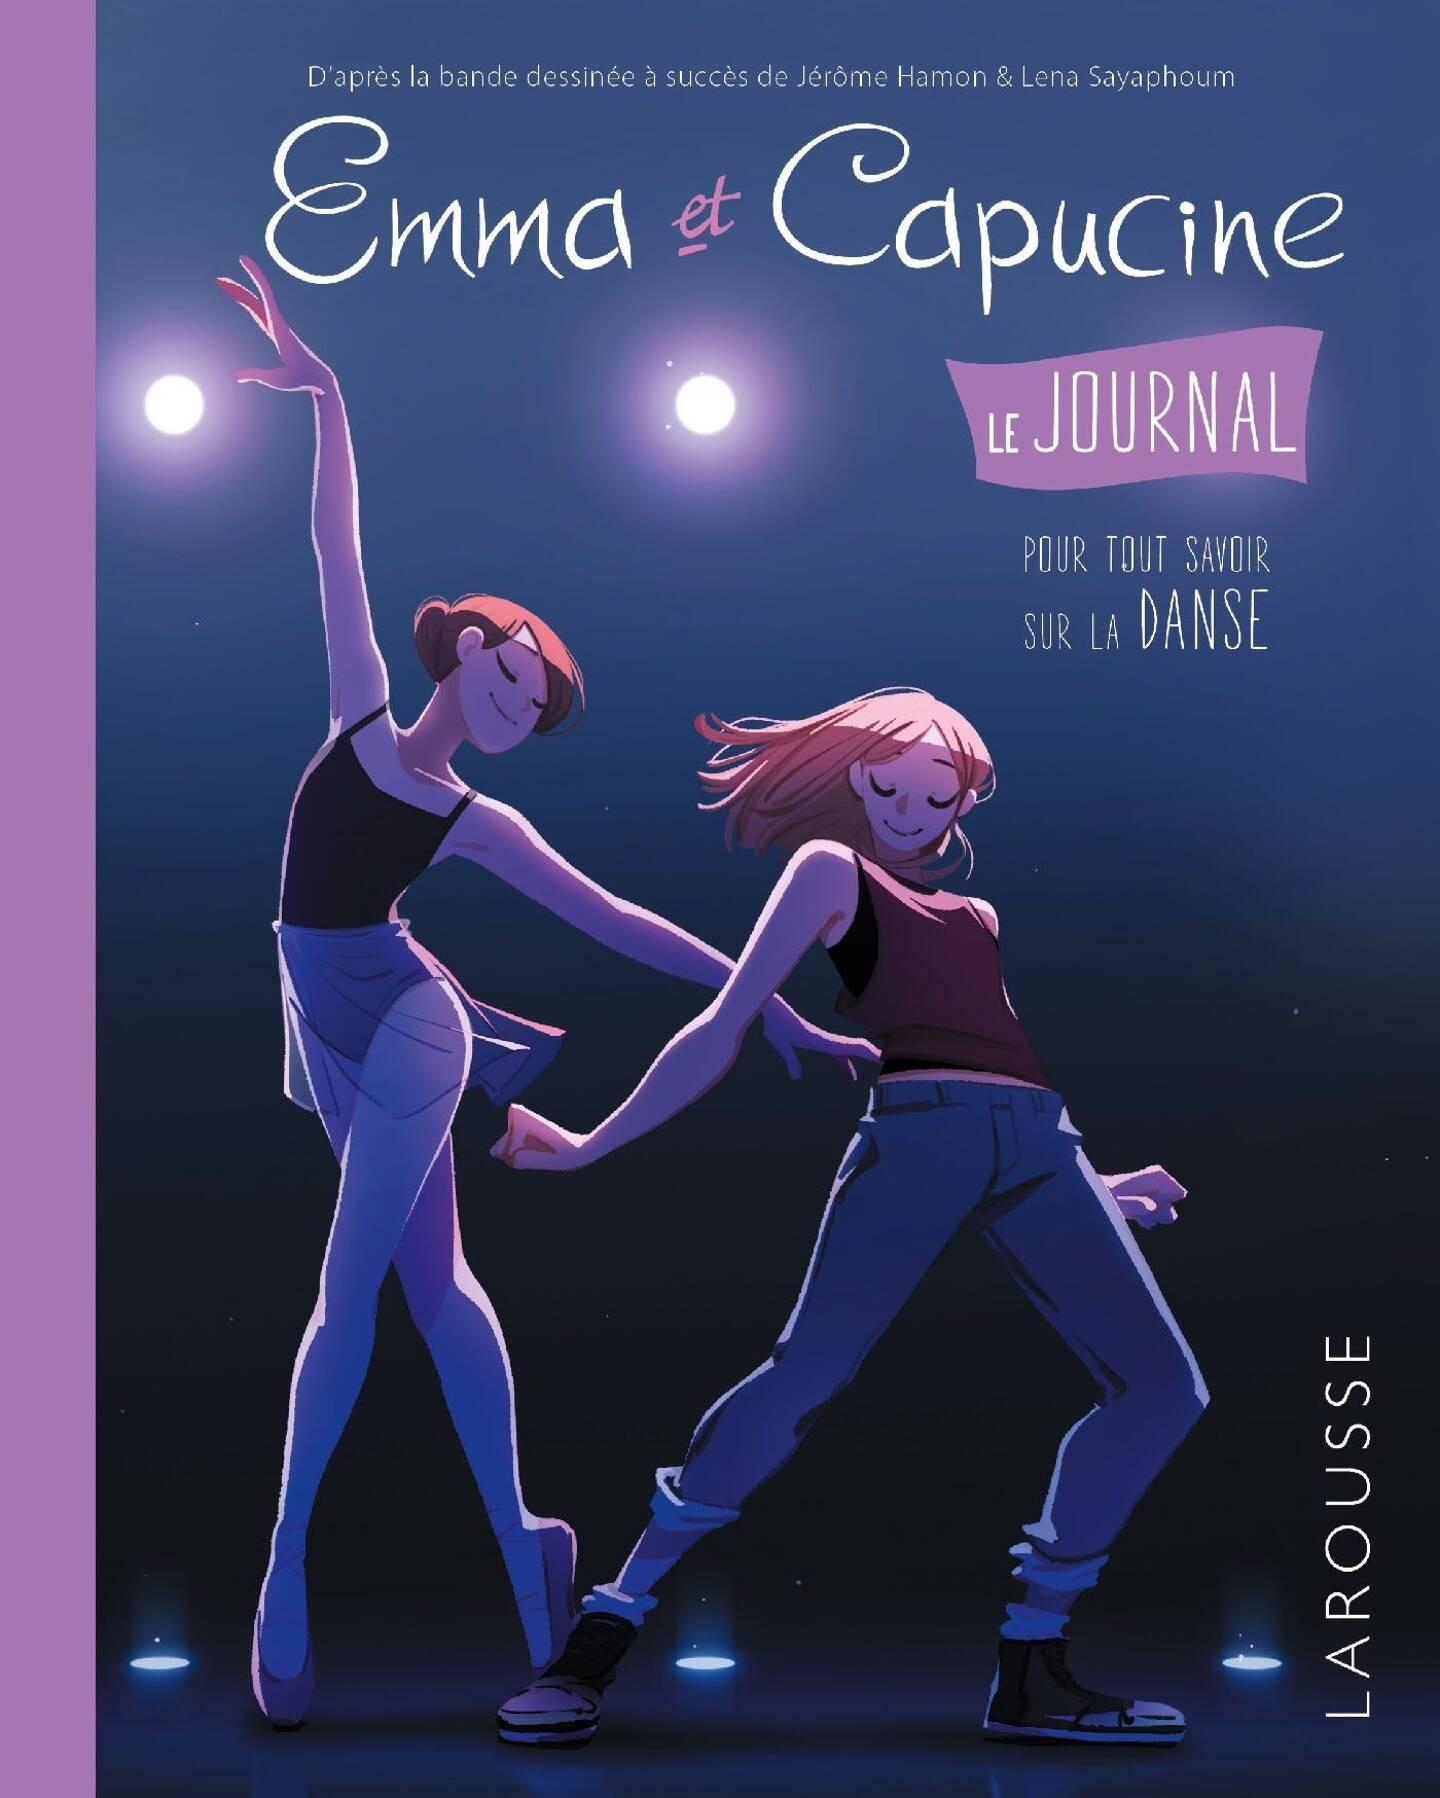 Un journal pour tout savoir sur la danse